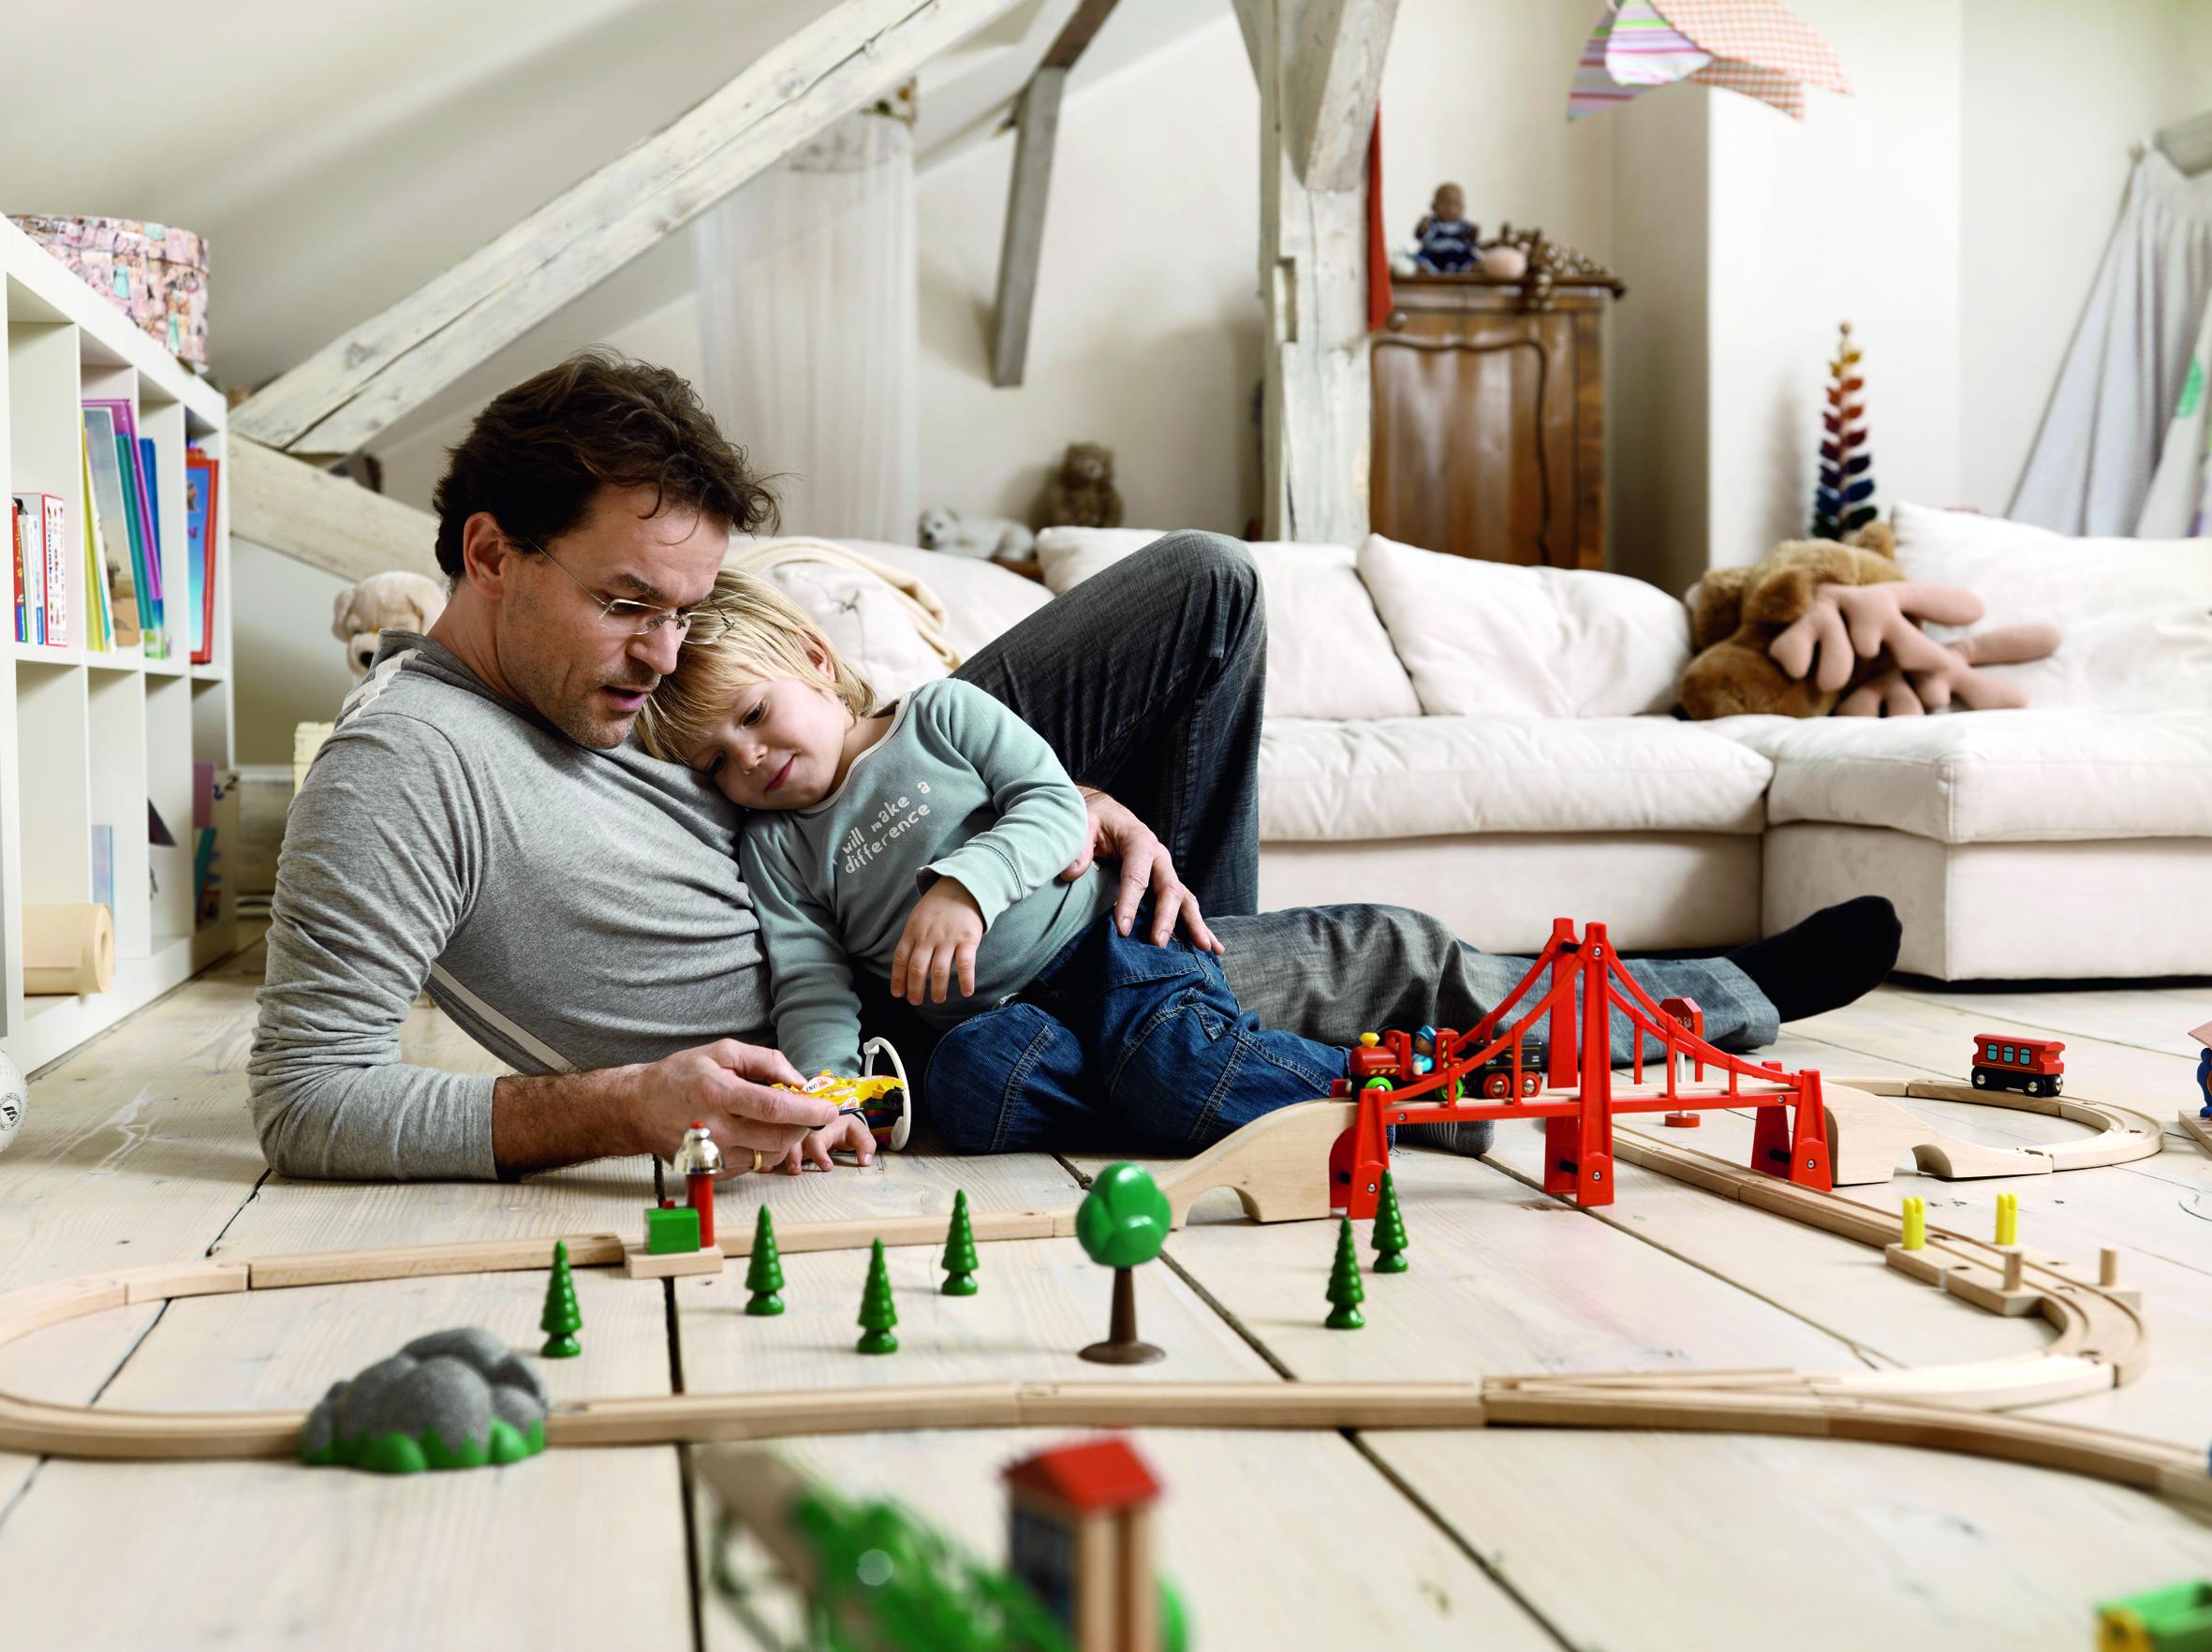 Otac i sin leže na podu dnevne sobe, otac drži mobitel, sin naslonjen na oca spava, ispred njih drvene igračke željeznice